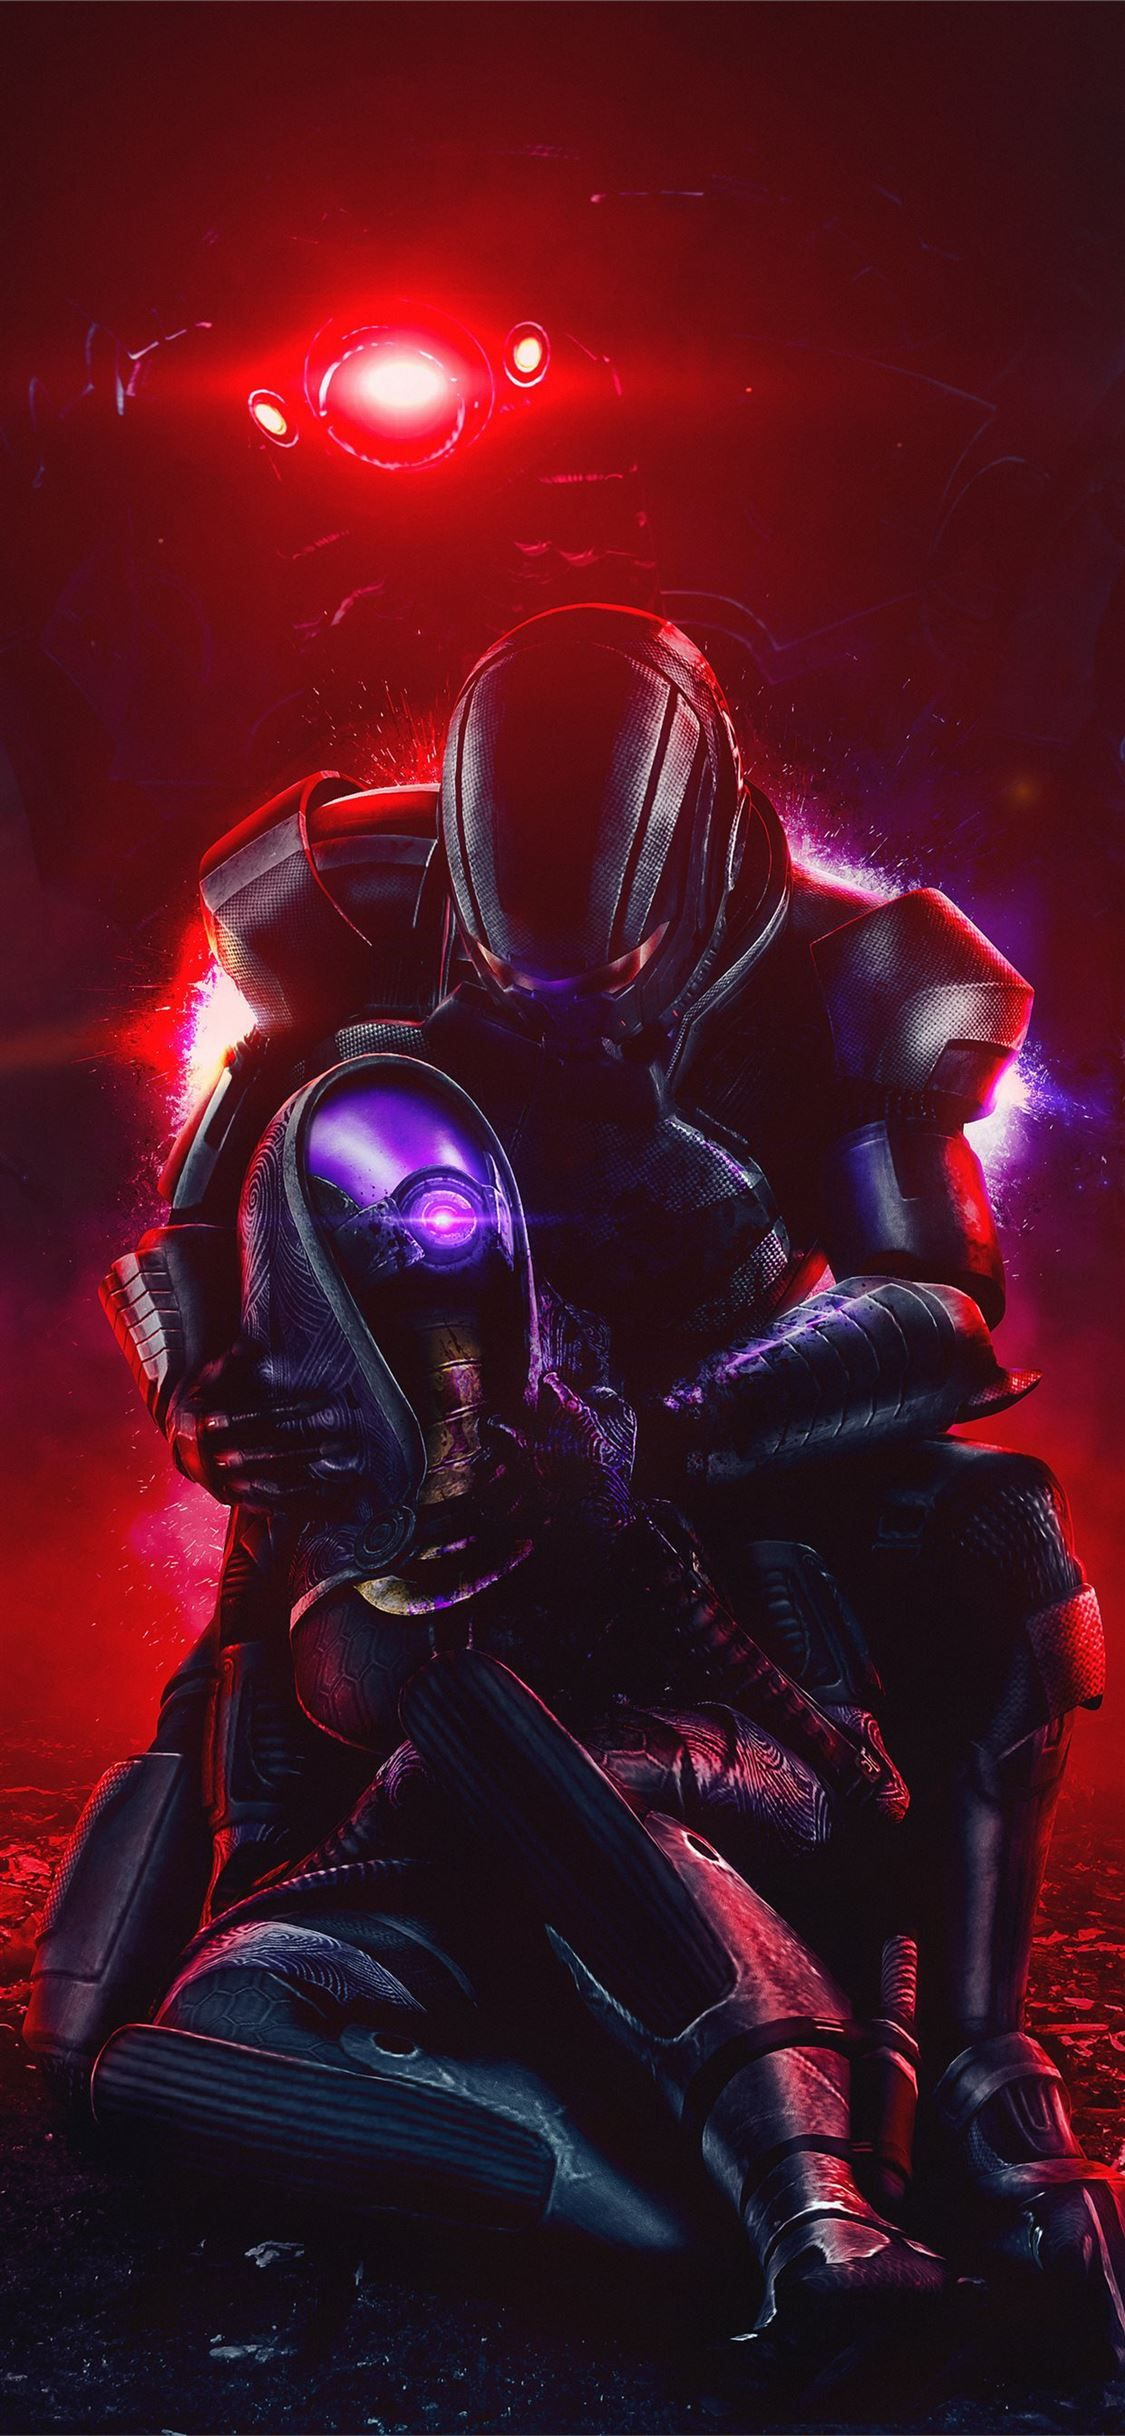 Shepard And Tali 8k Masseffect Games 4k 5k 8k Deviantart 2020games Iphone11wallpaper Mass Effect Tali Mass Effect Miranda Mass Effect